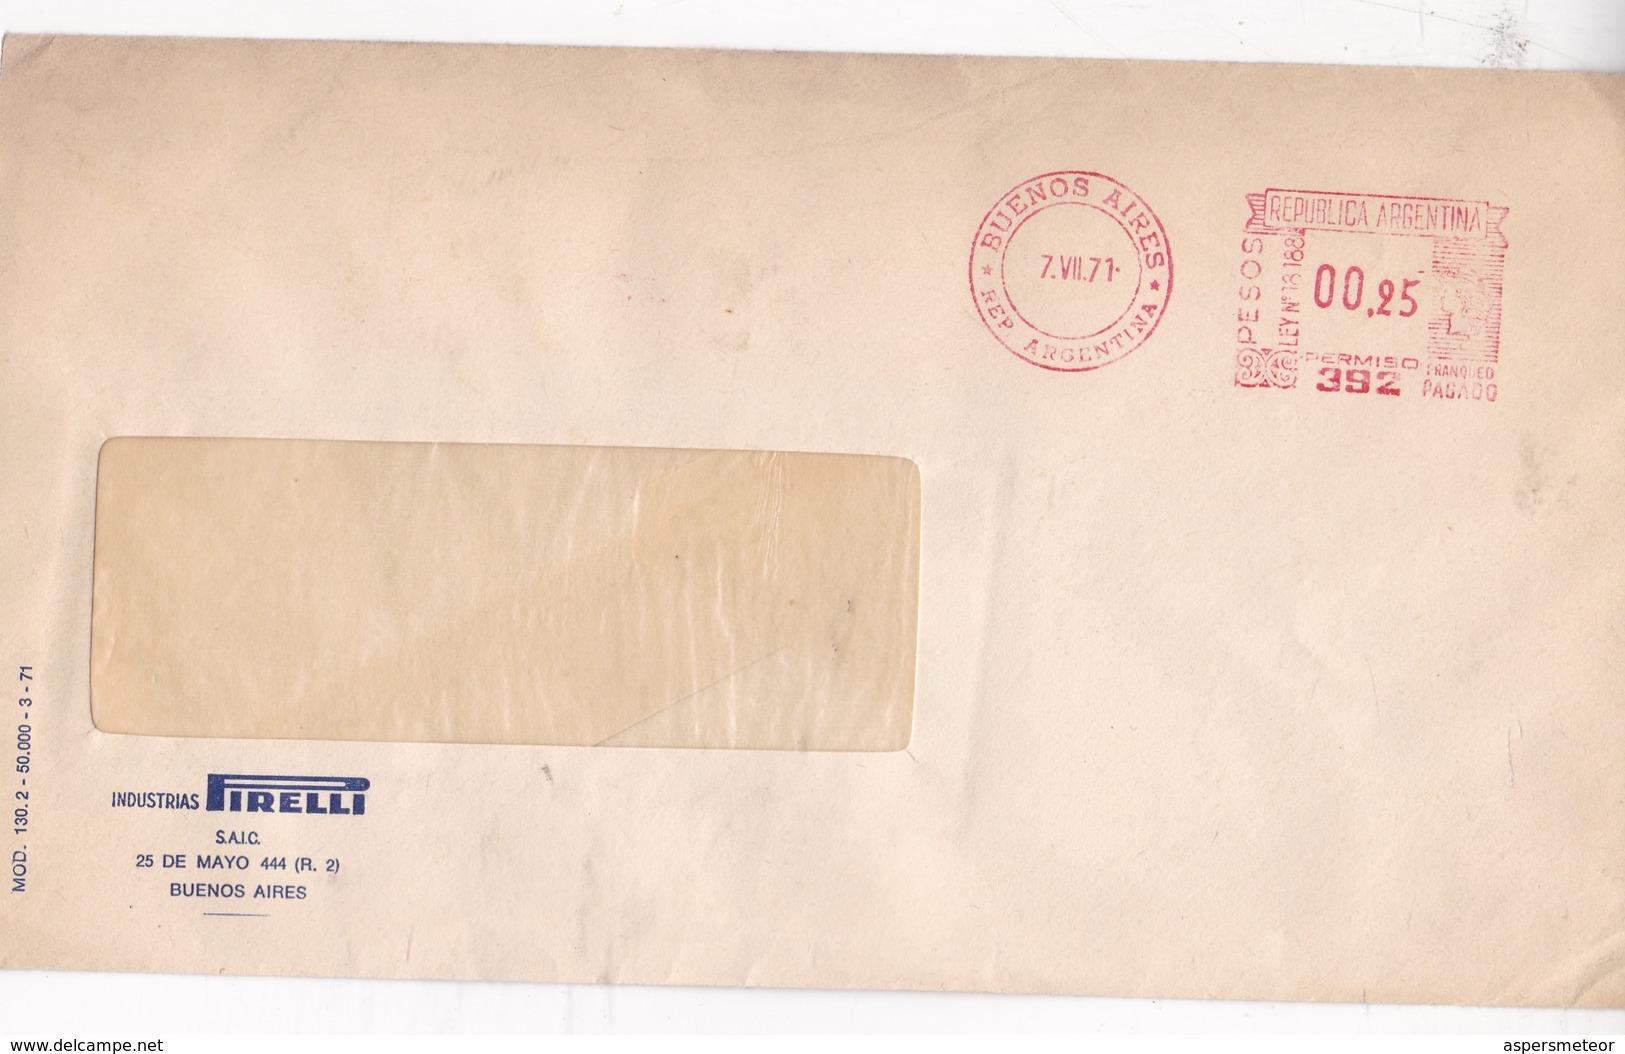 INDUSTRIAS PIRELLI COMMERCIAL ENVELOPE AFFRANCHISSEMENT MECANIQUE BUENOS AIRES YEAR 1971 - BLEUP - Storia Postale